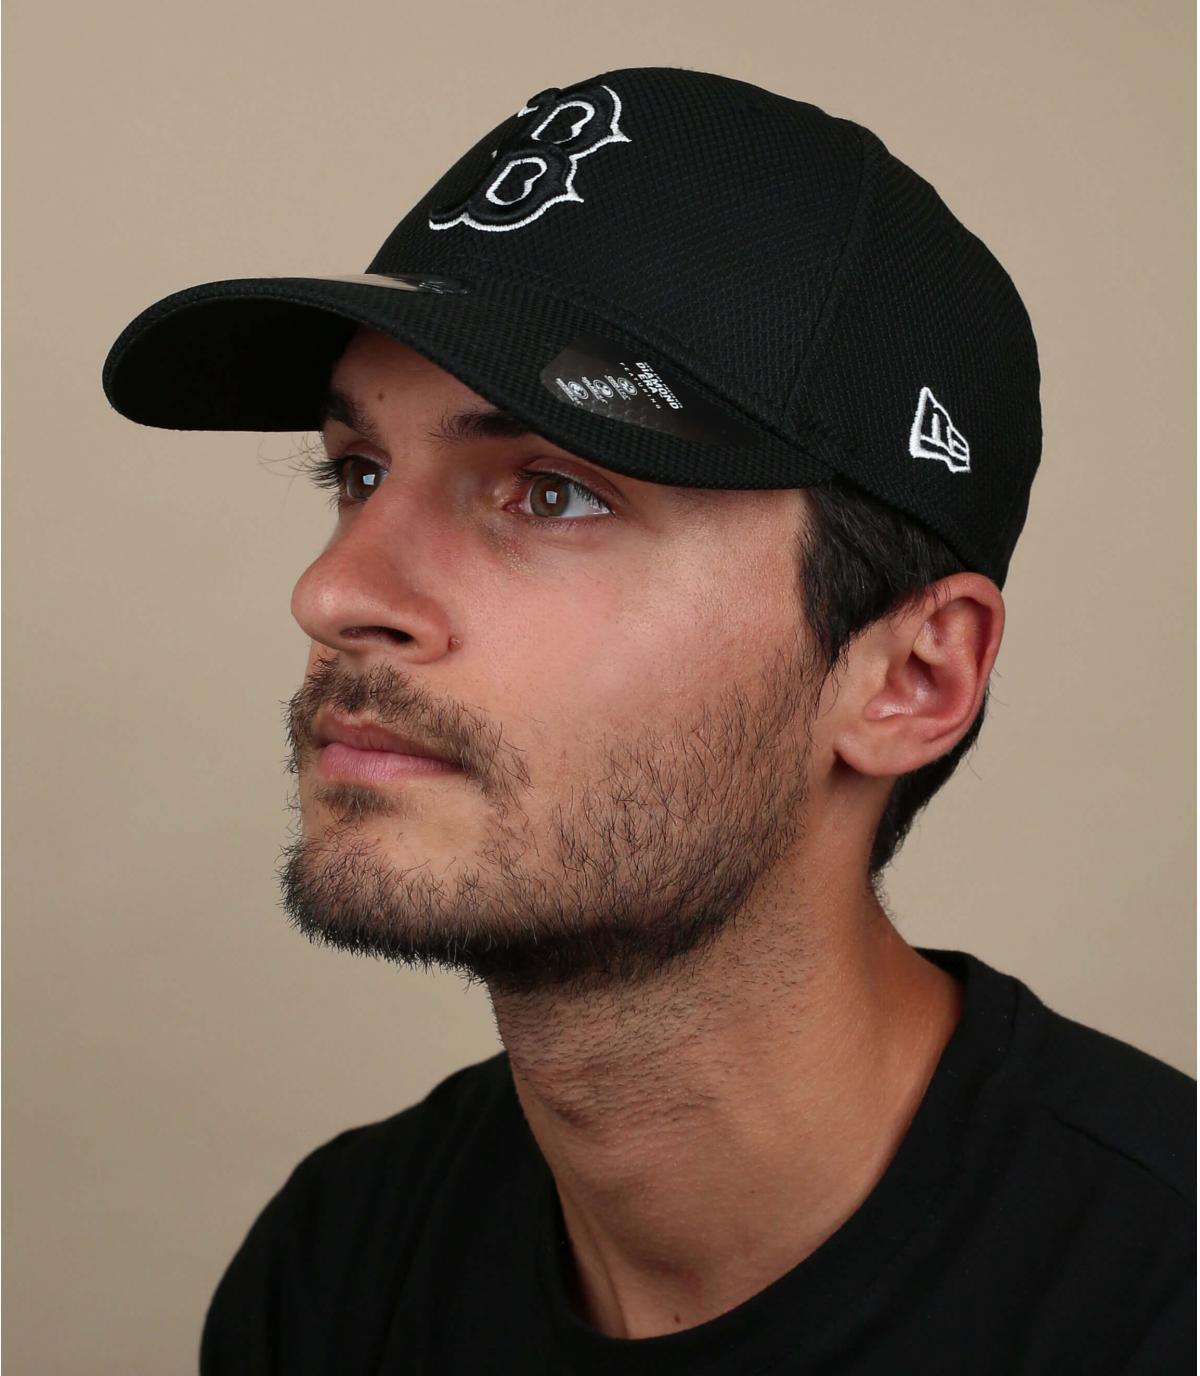 black B cap